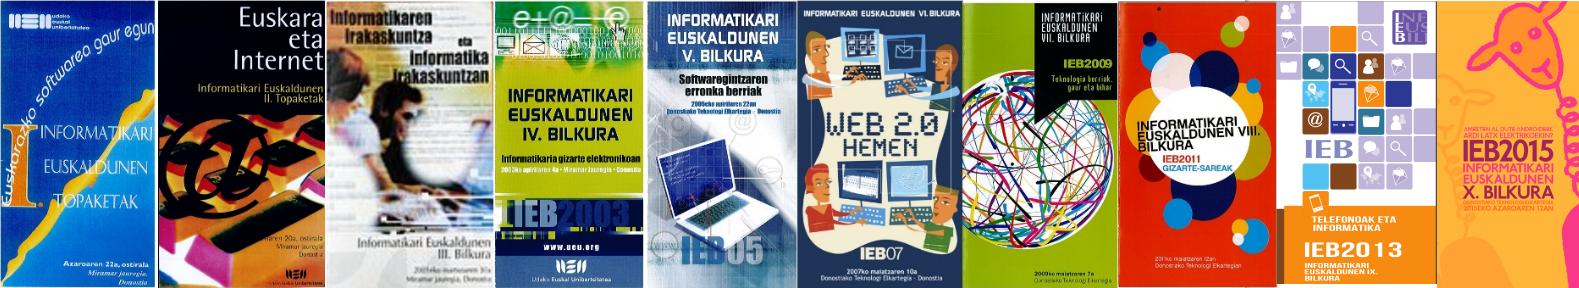 """""""Burujabetza teknologikoa"""" izango da 11. Informatikari Euskaldunen Bilkurako gaia"""